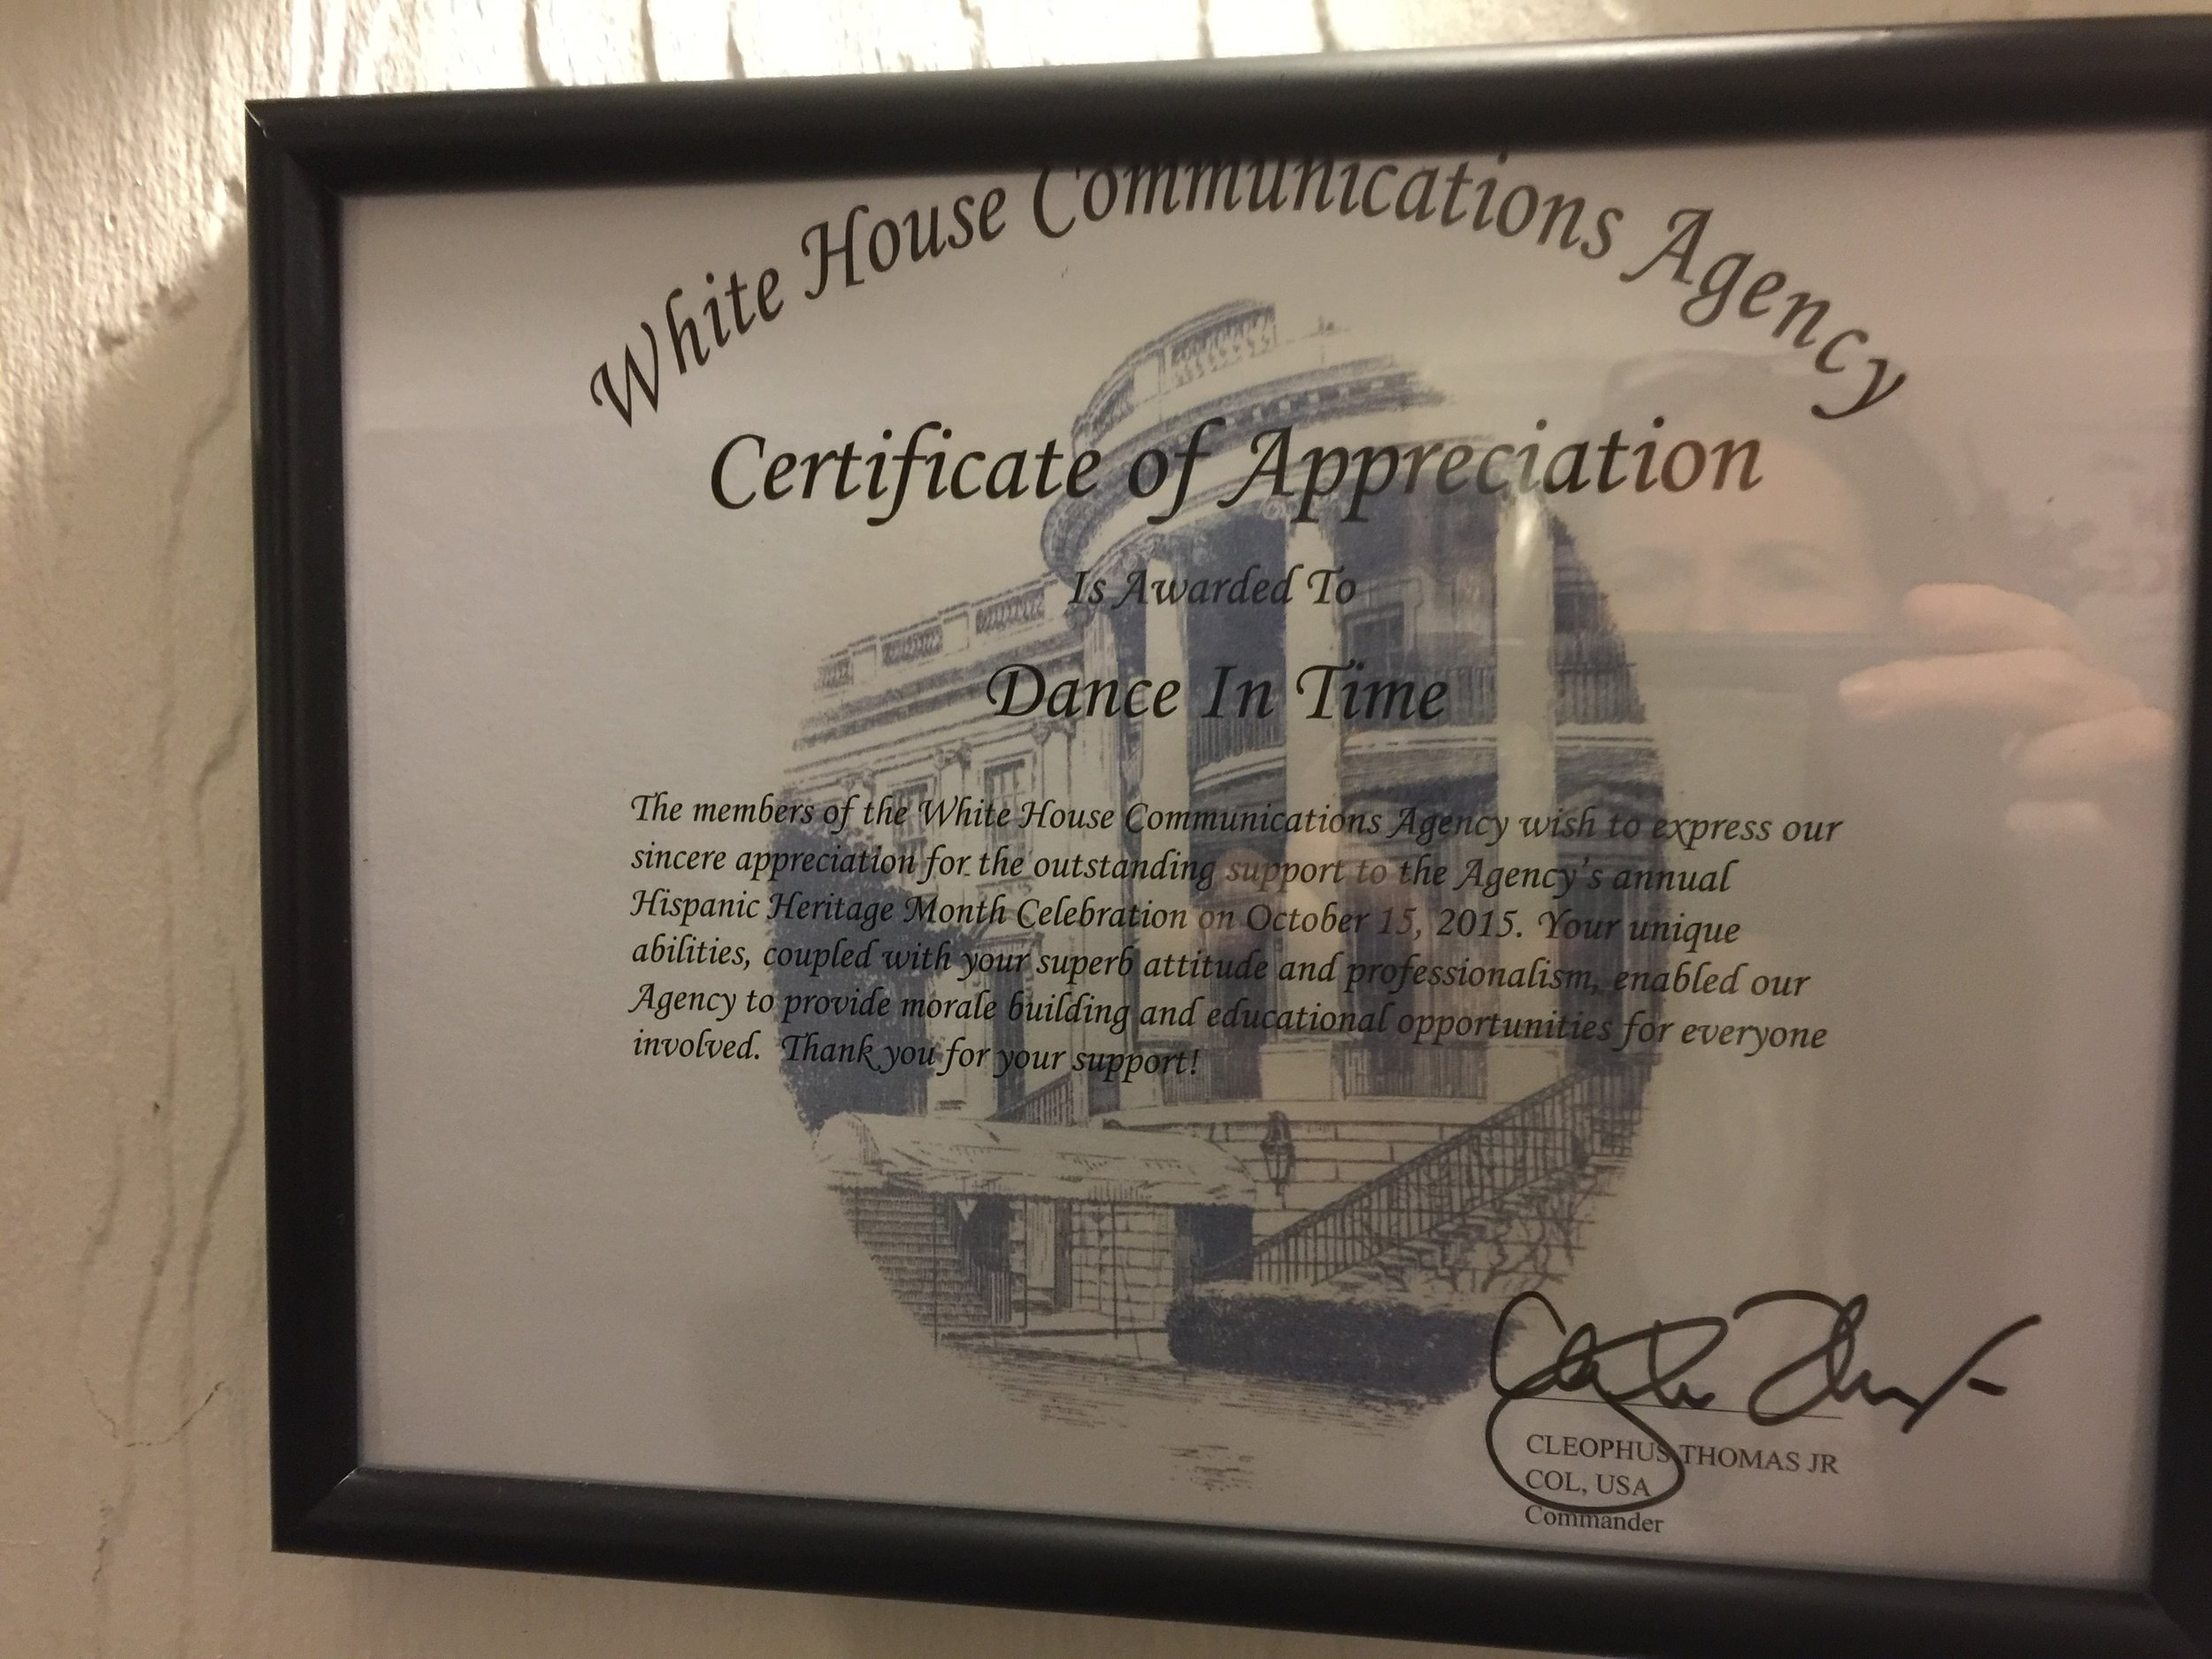 White House Award For DIT!